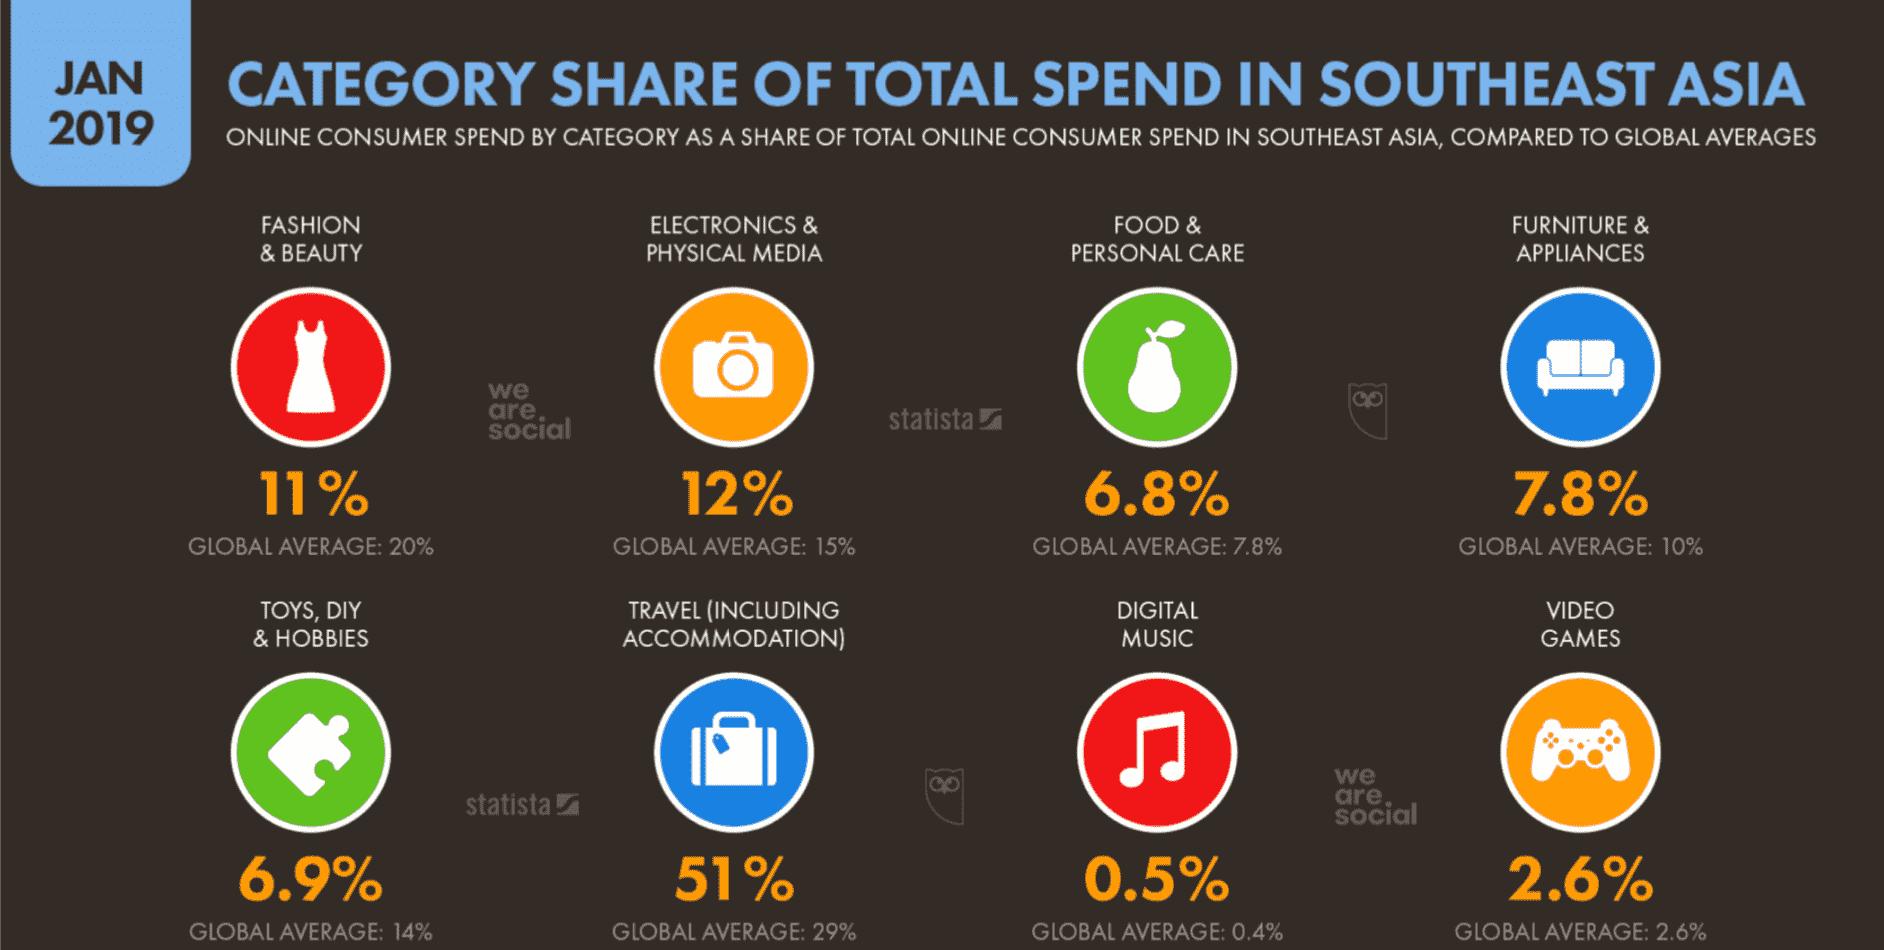 La part des dépenses totales par catégorie en Asie du Sud-Est